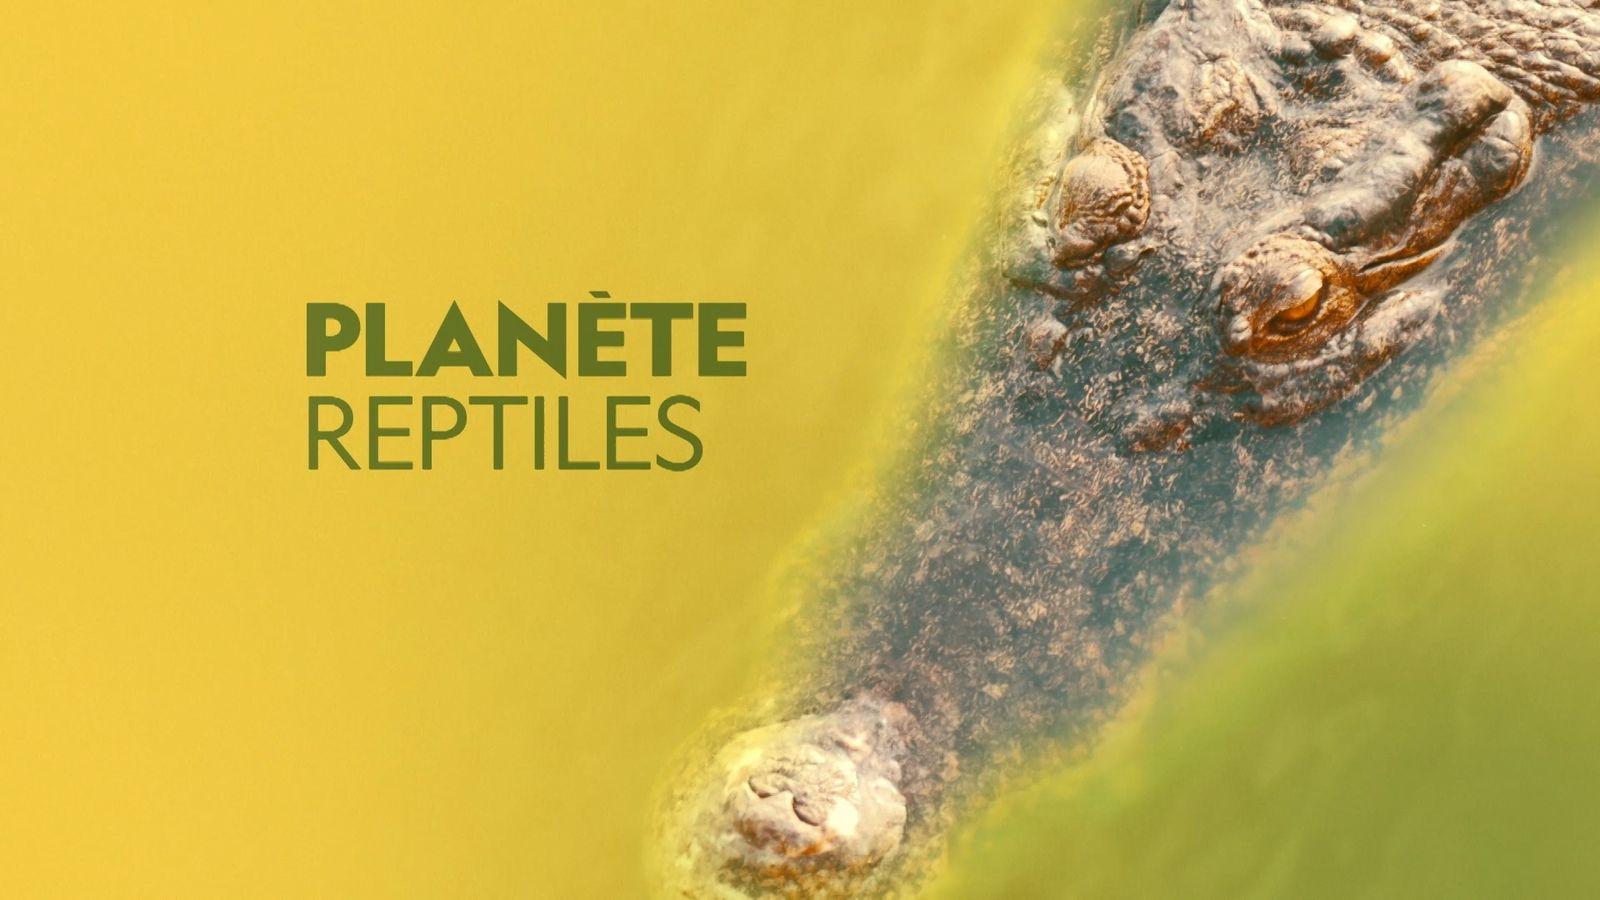 Planète reptiles | Bande annonce